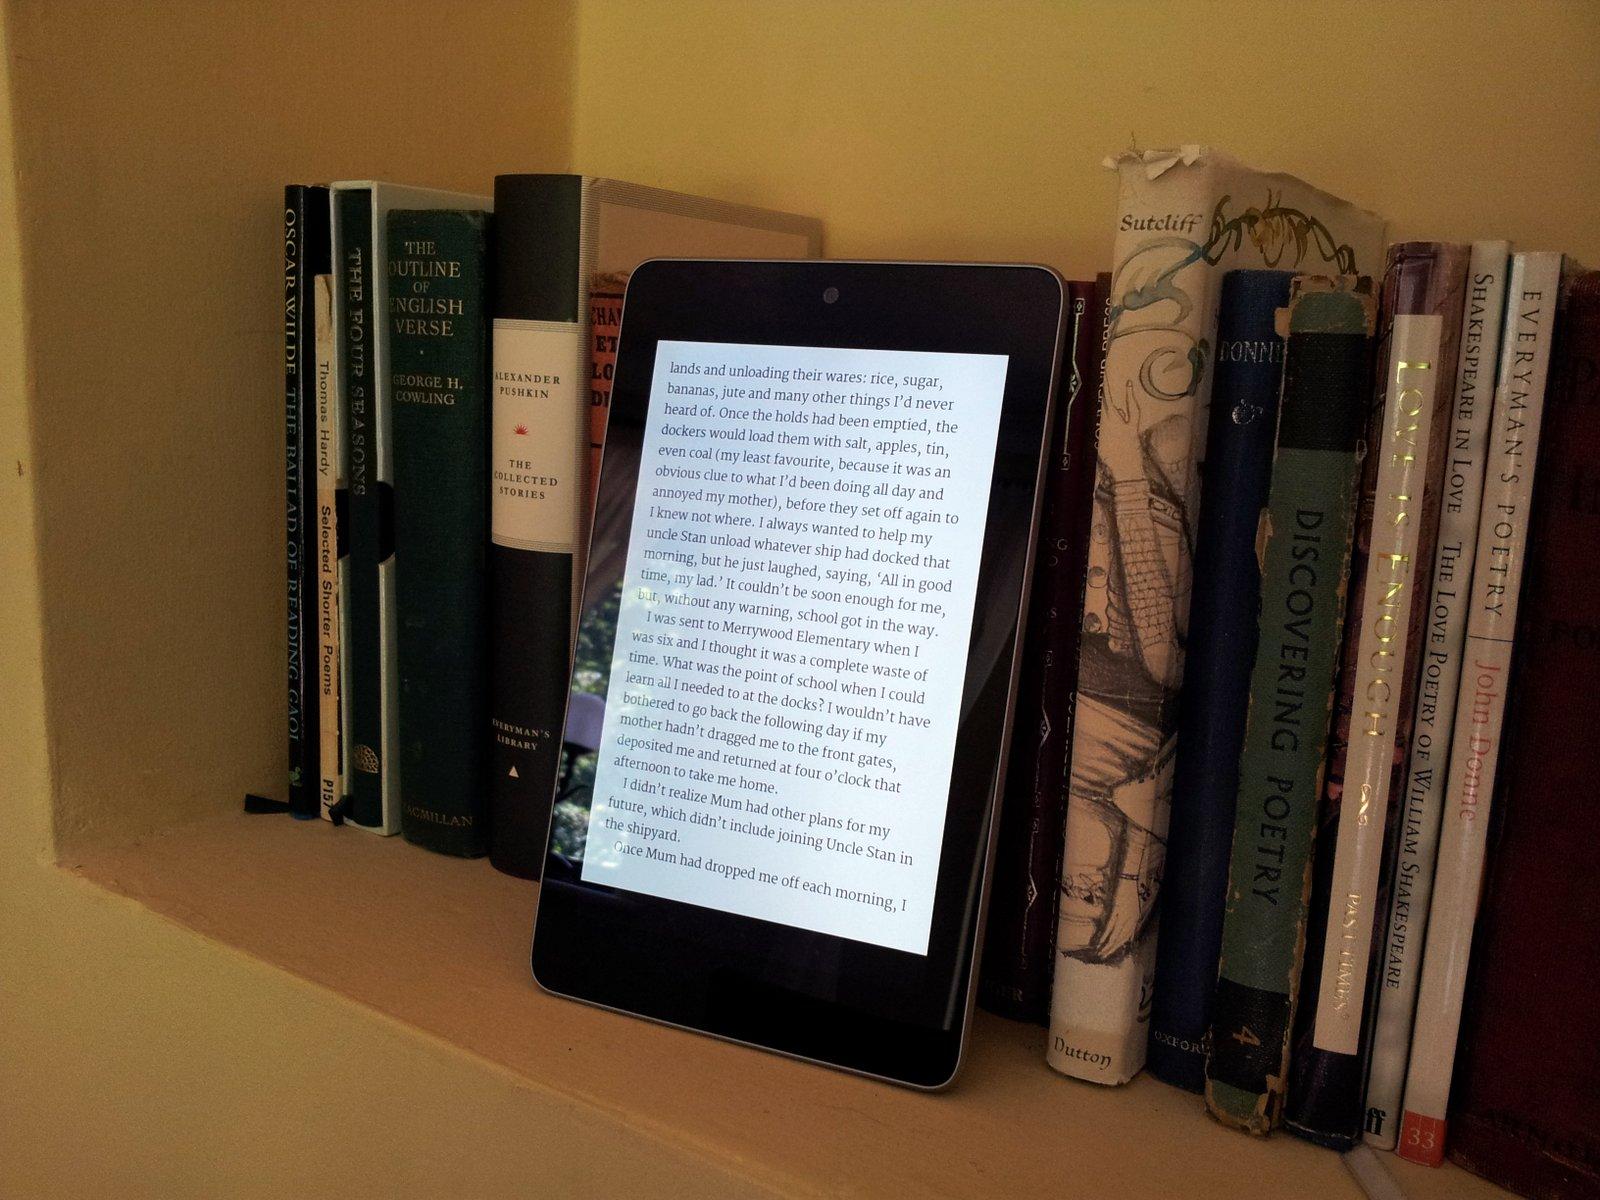 Thorp's E-Books